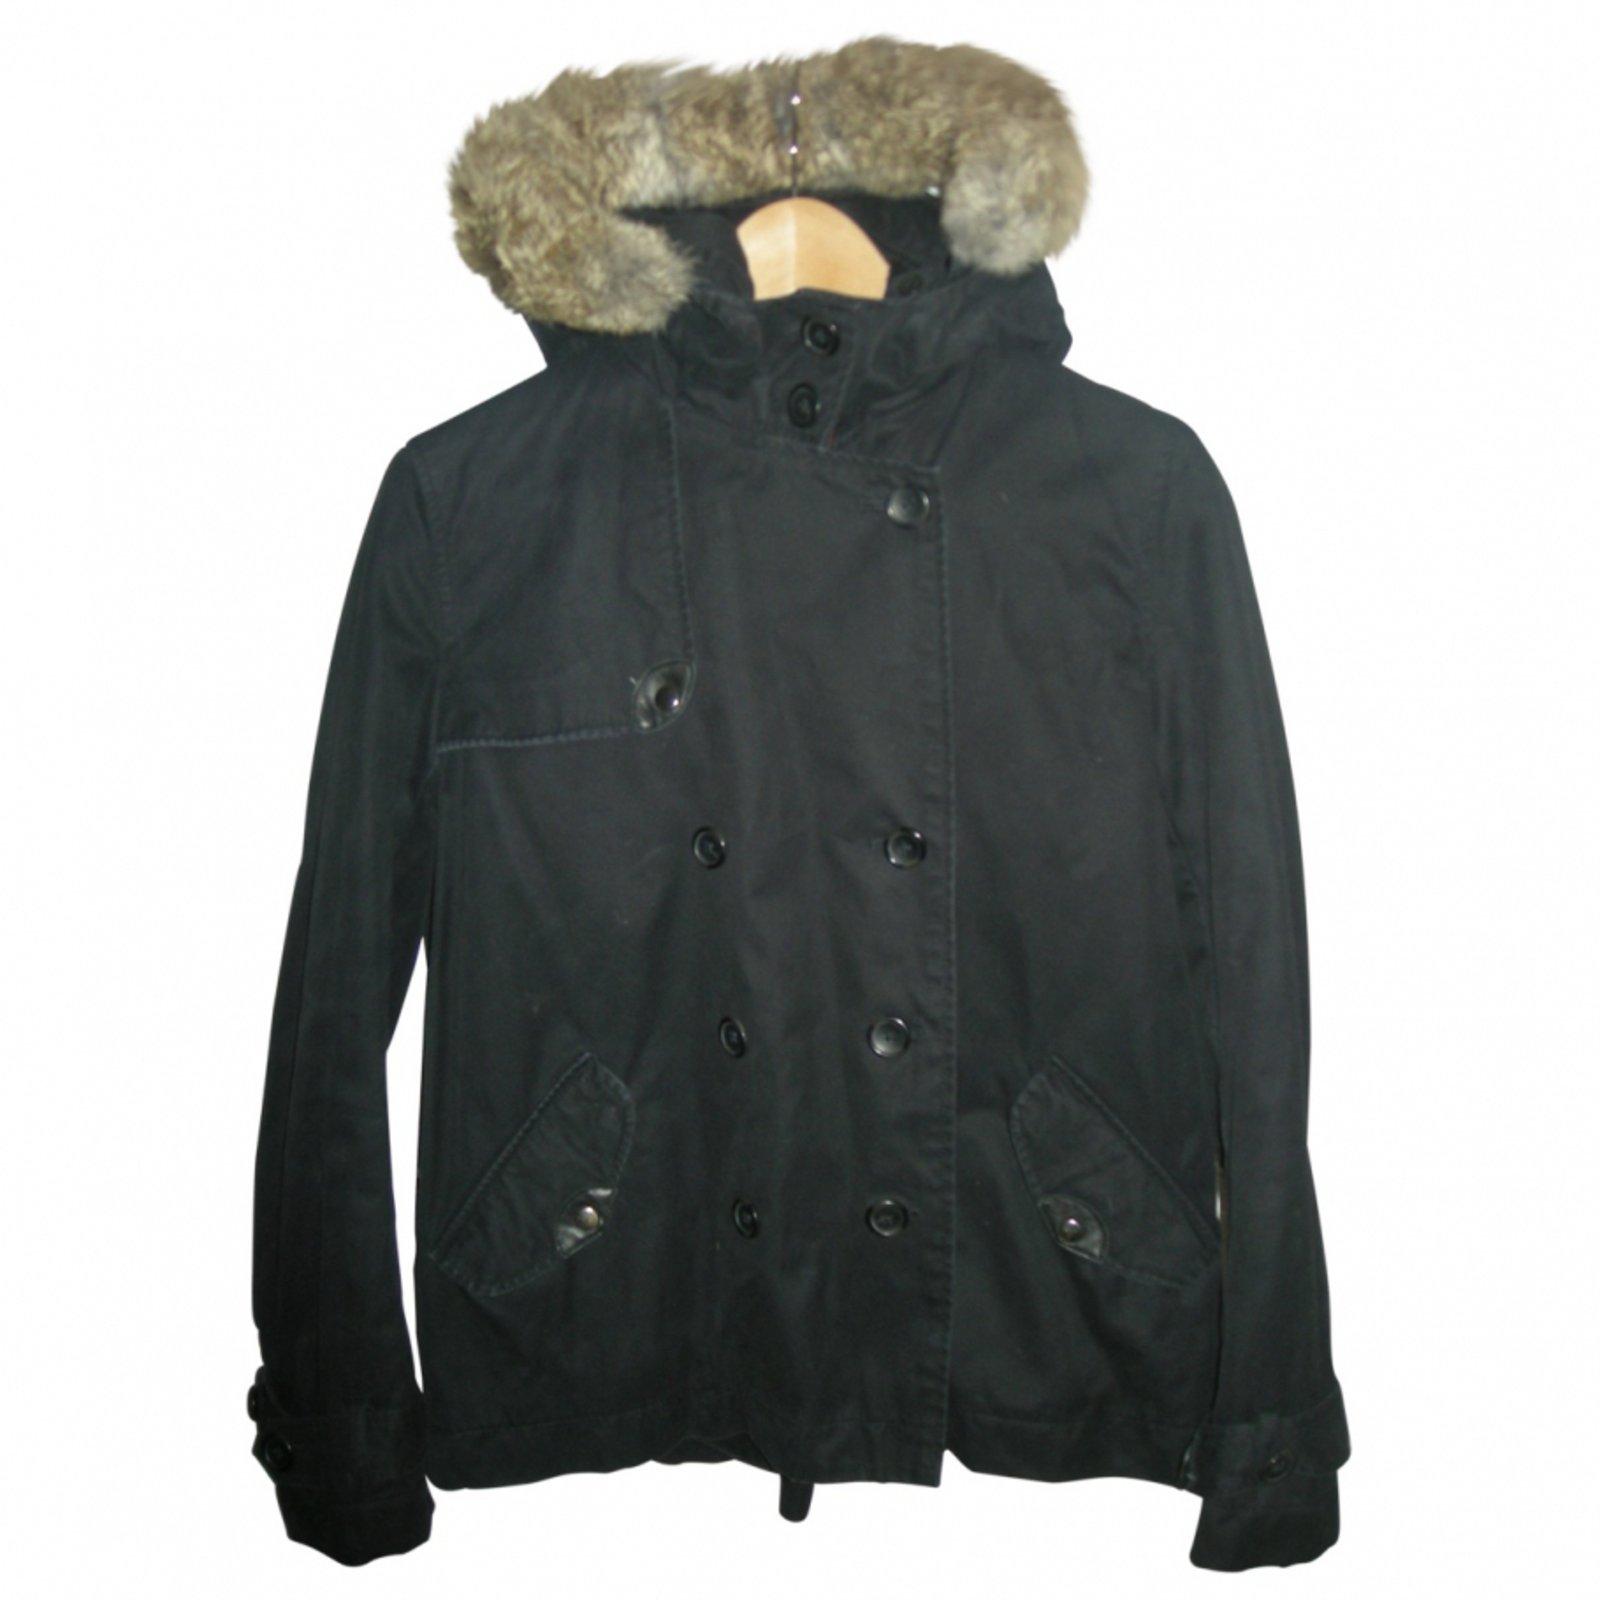 Manteaux comptoir des cotonniers manteaux polyester noir - Manteau peau retournee comptoir des cotonniers ...